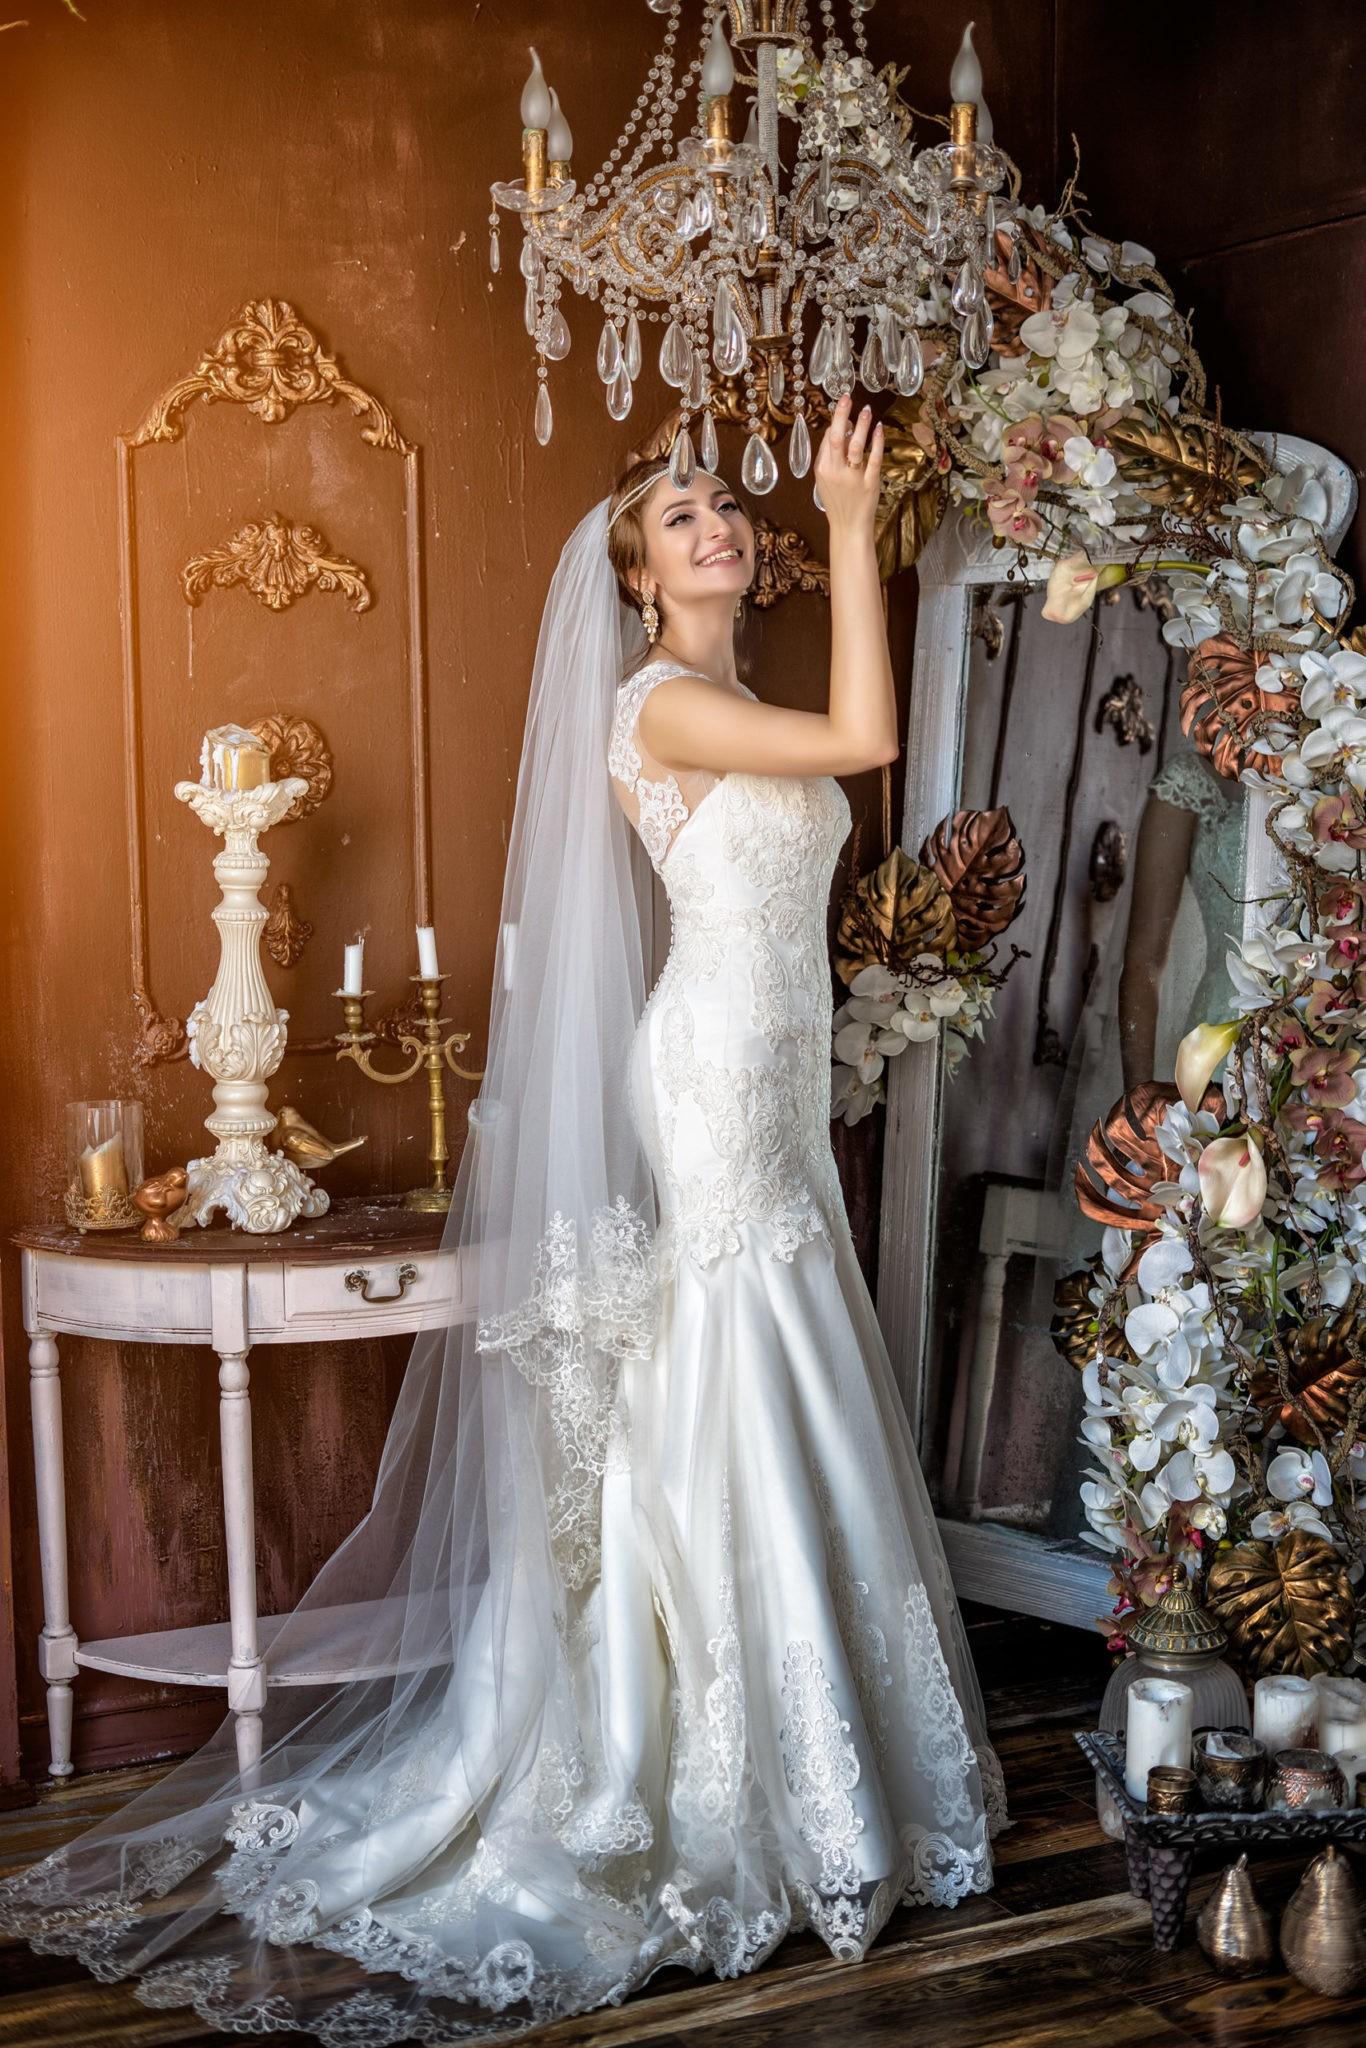 Свадебная фотосъемка от свадебного фотографа в интерьерной студии Краснодара